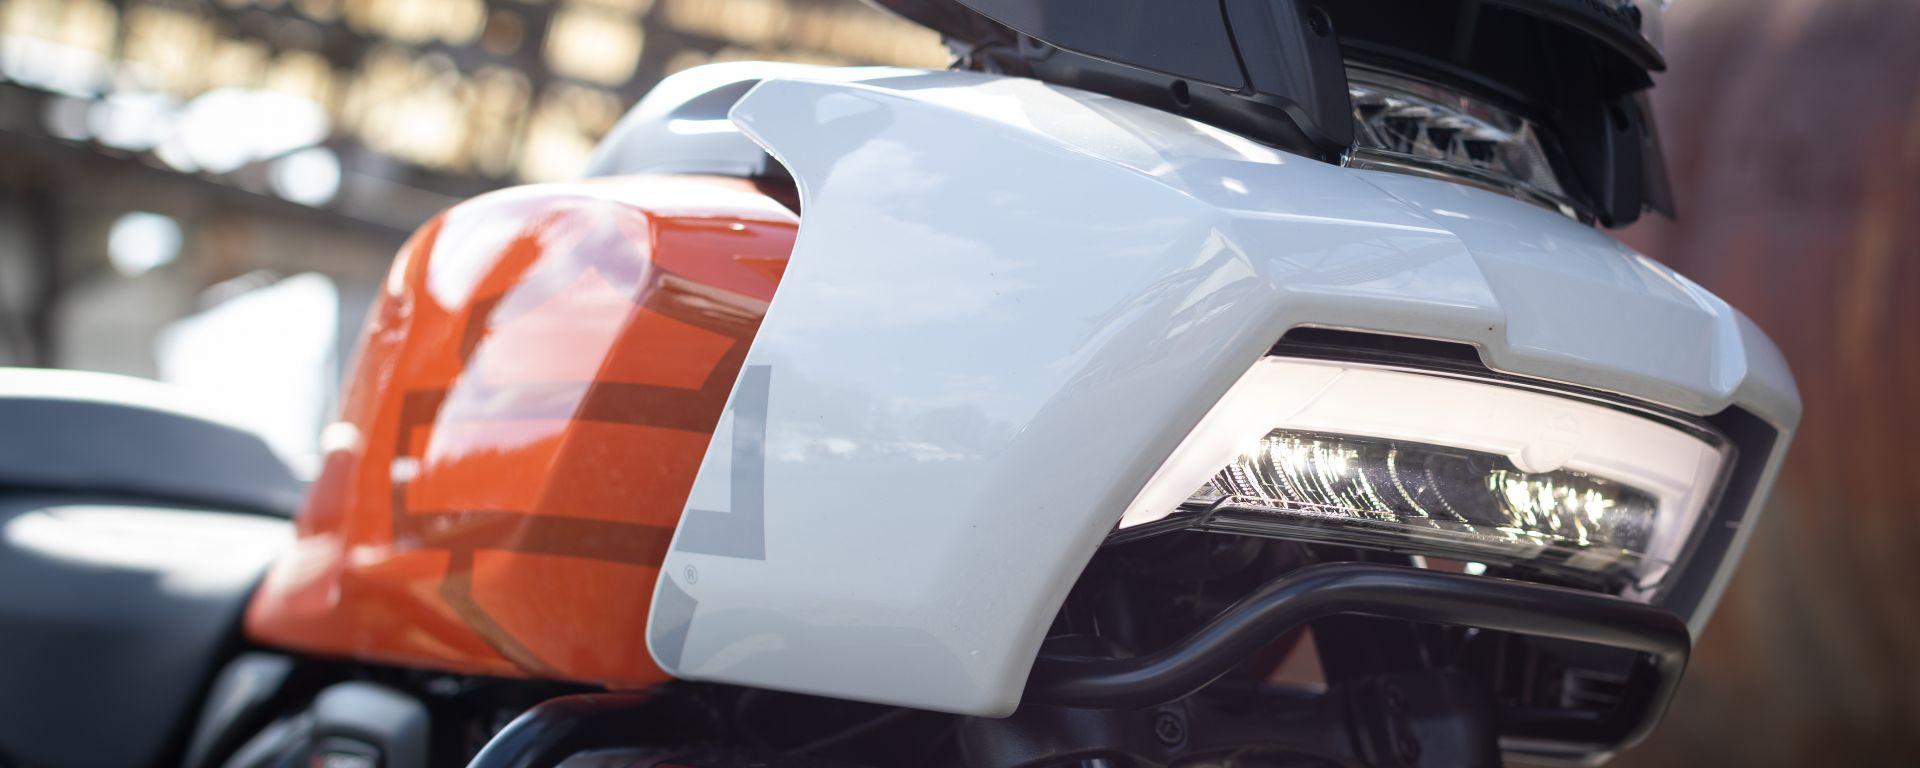 Harley-Davidson Pan America, il frontale s'ispira alle Touring della casa